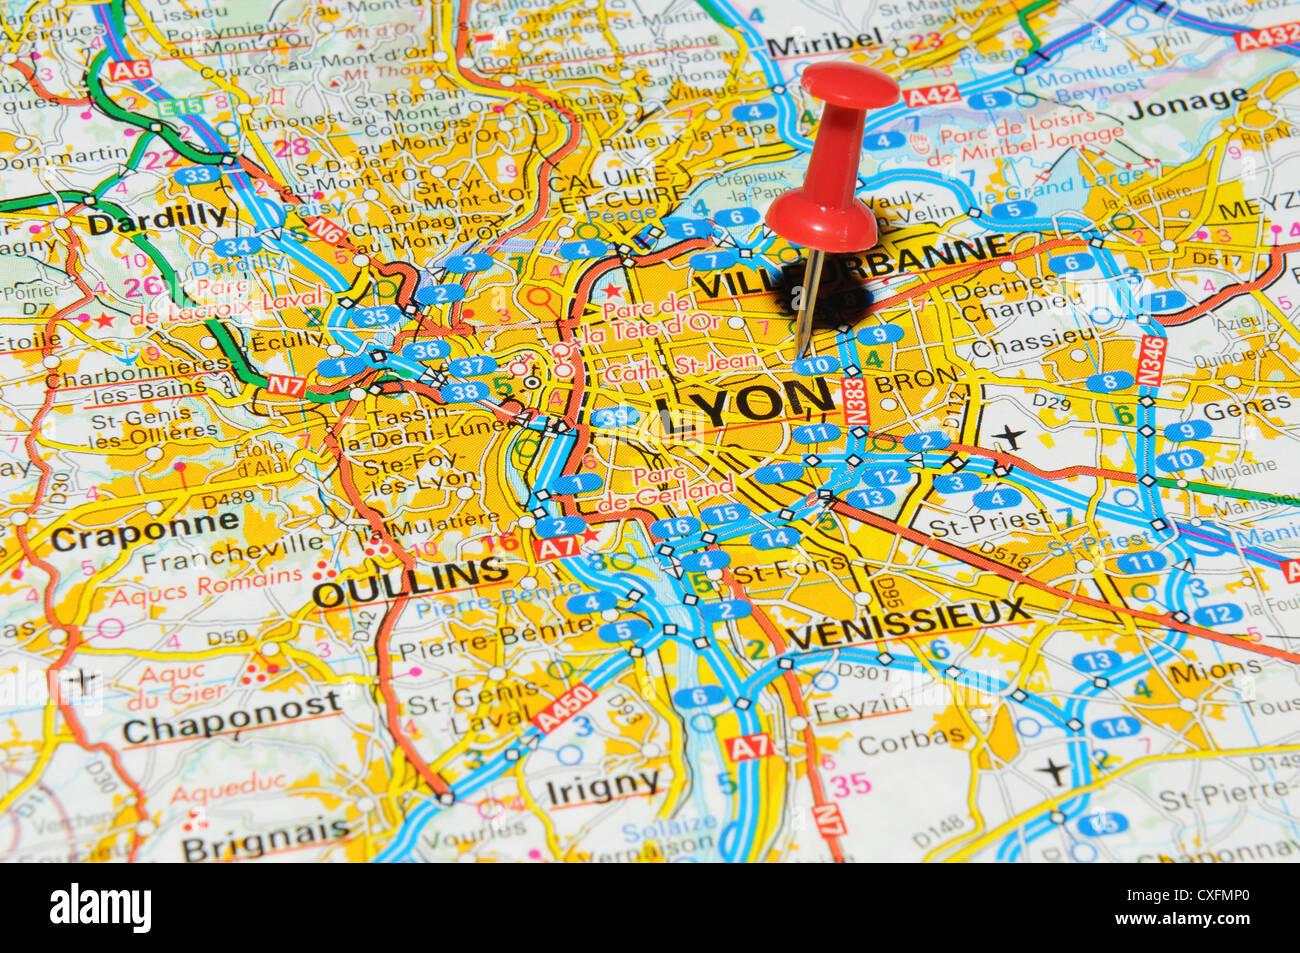 Lyon France On Map Stock Photo 50747368 Alamy